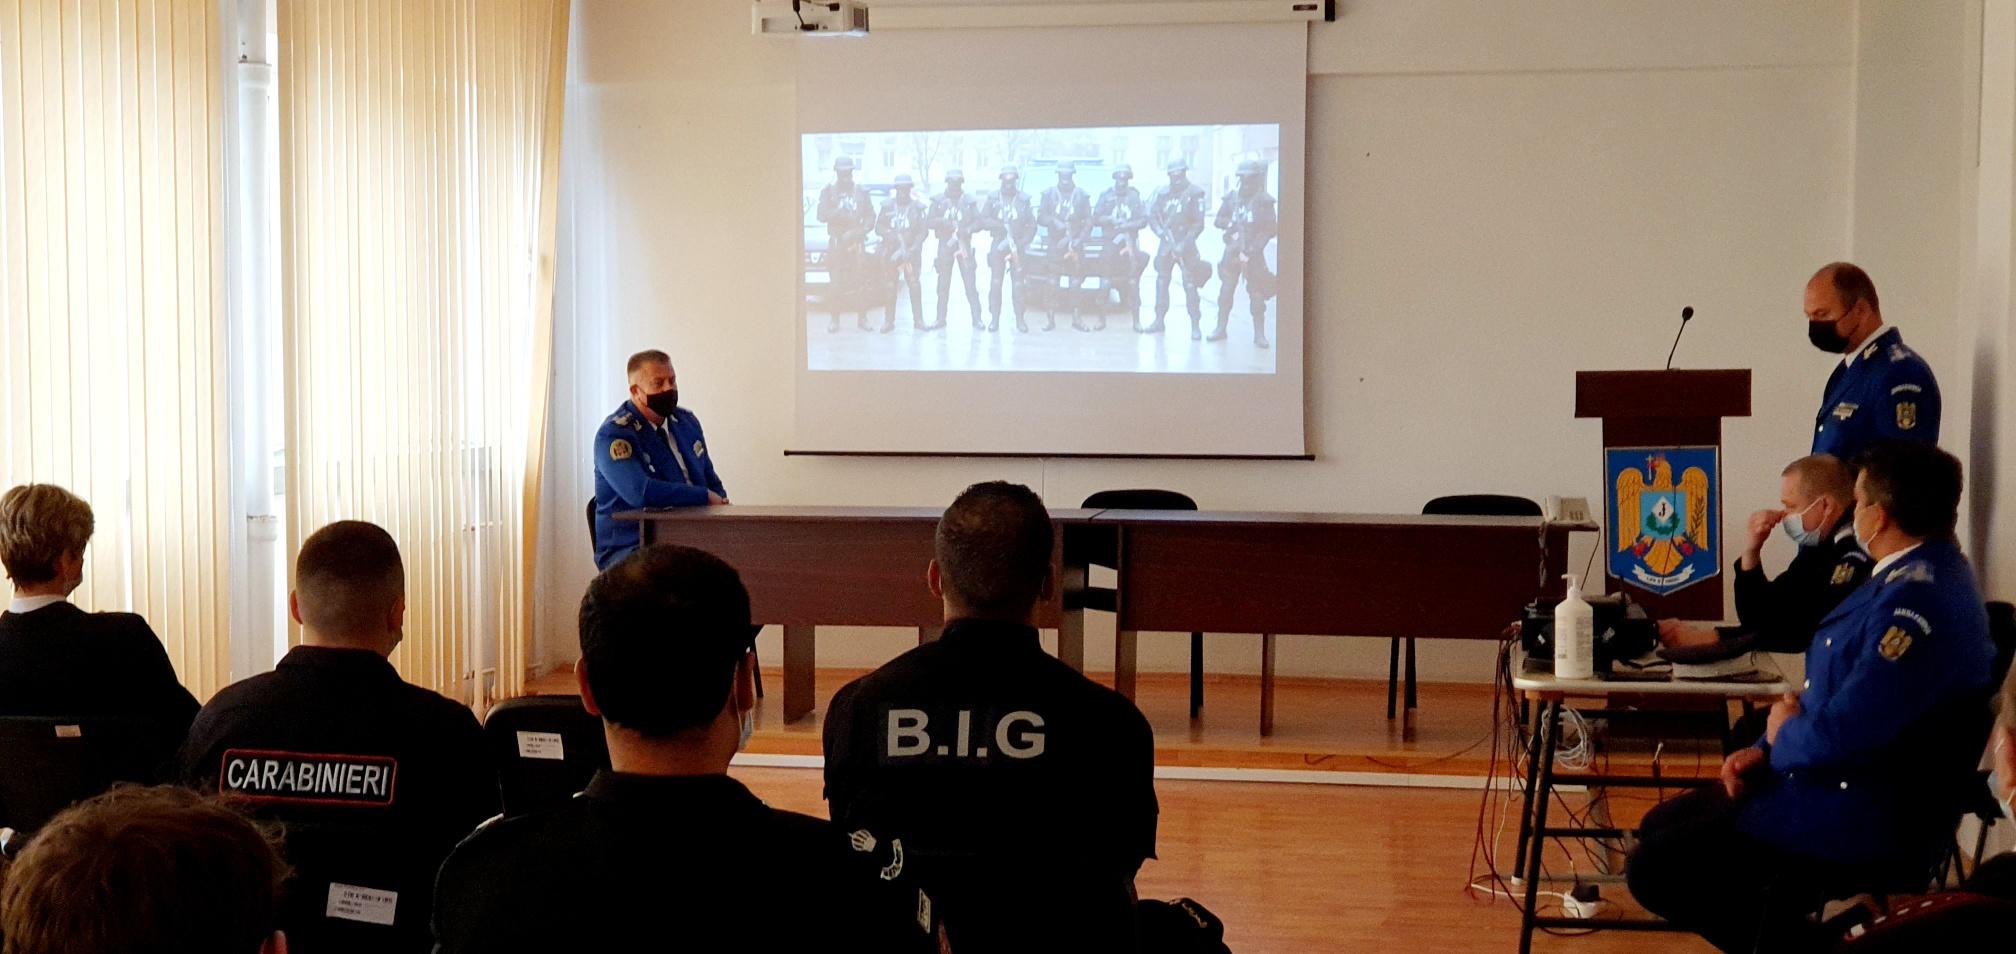 Carabinieri, dar și militari din alte opt state, în vizită la Jandarmeria Tulcea